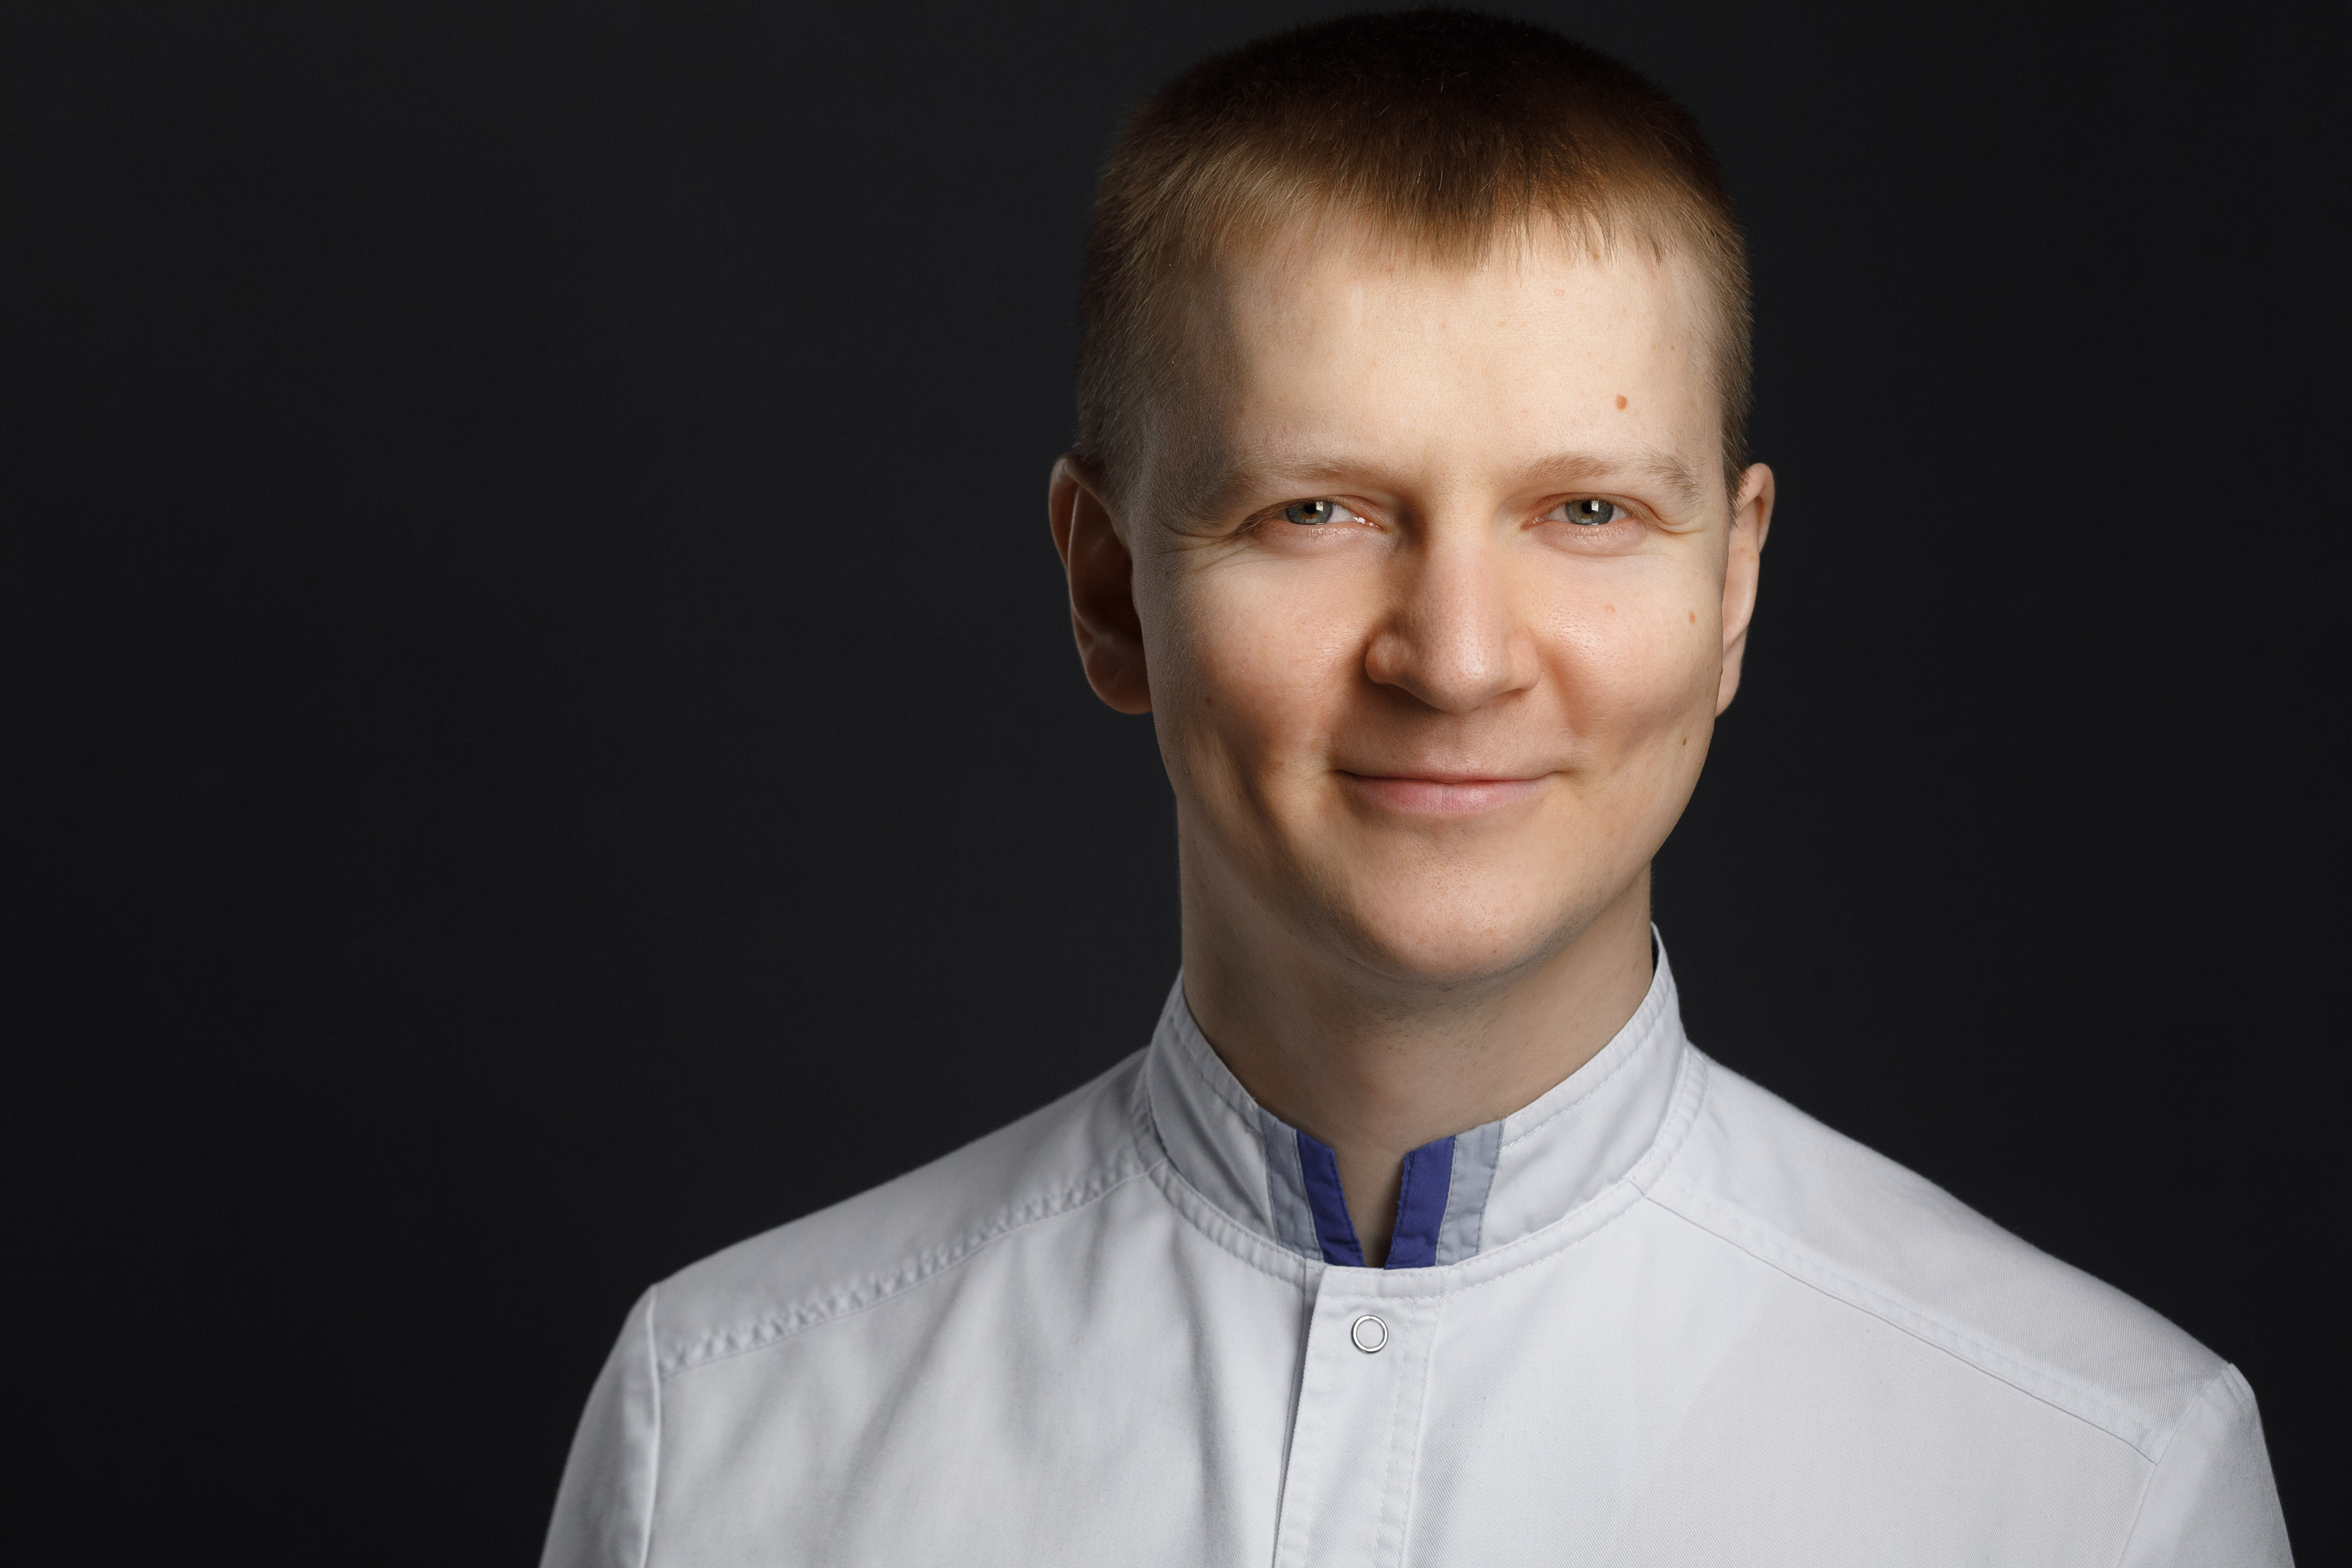 Лялюк Александр Сергеевич